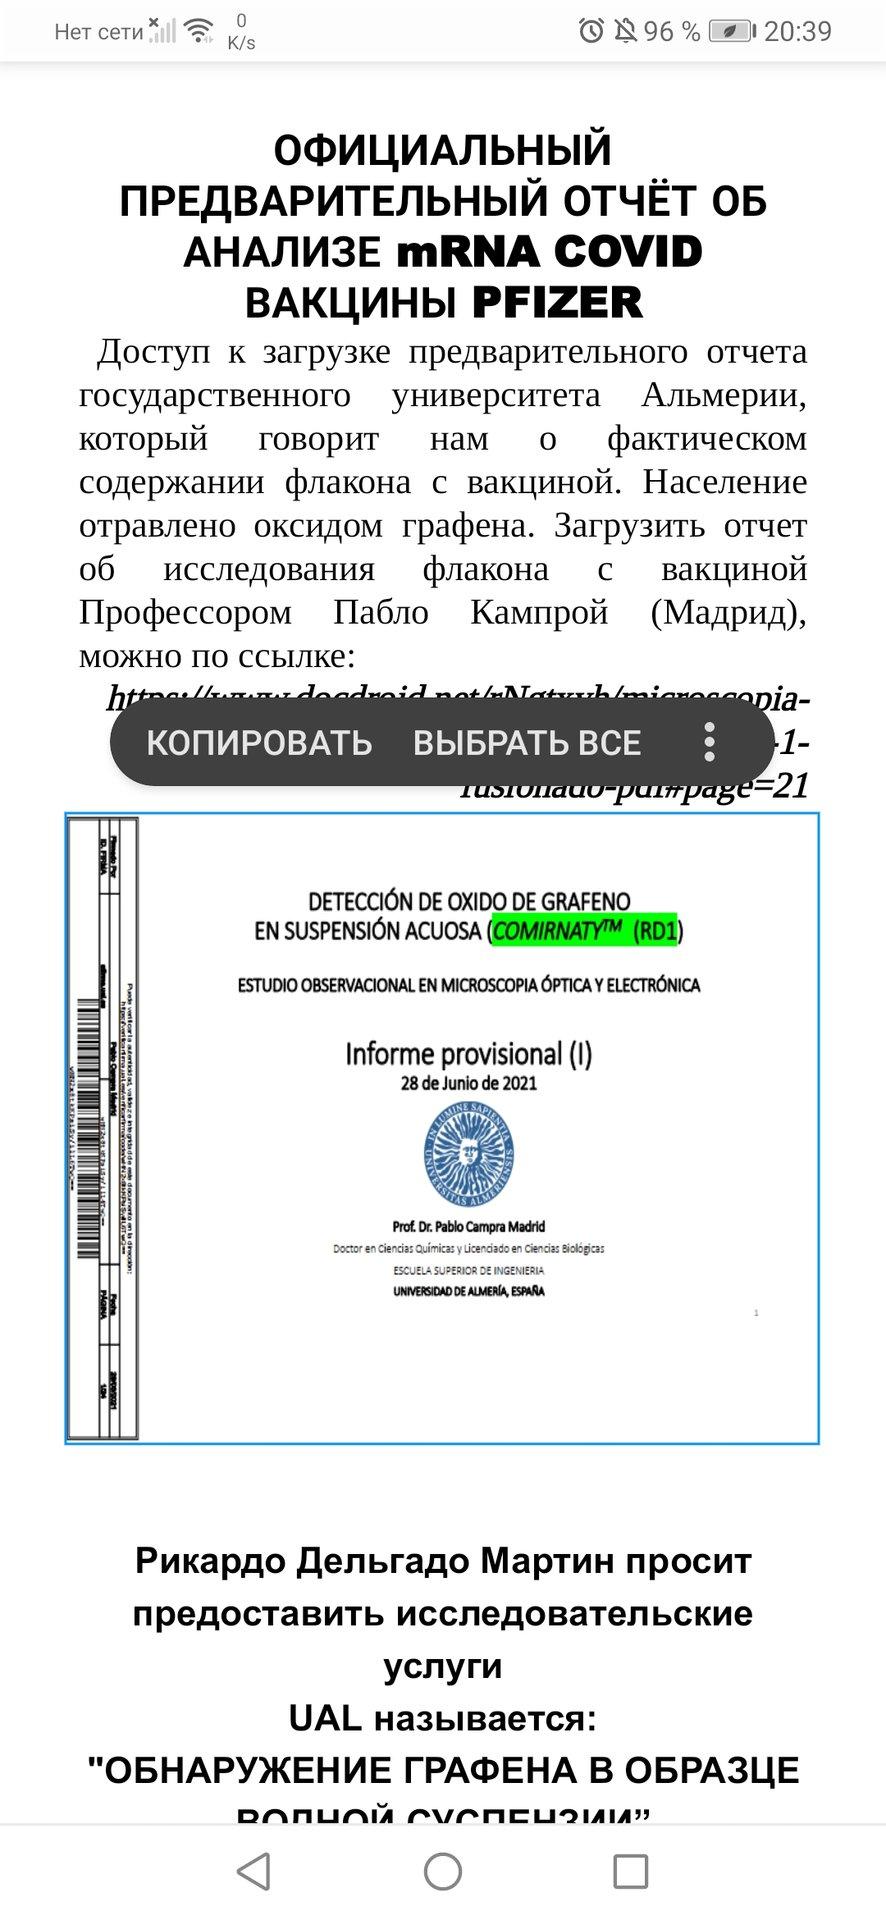 Screenshot_20211013_203940_com.google.android.apps.docs.editors.docs.jpg